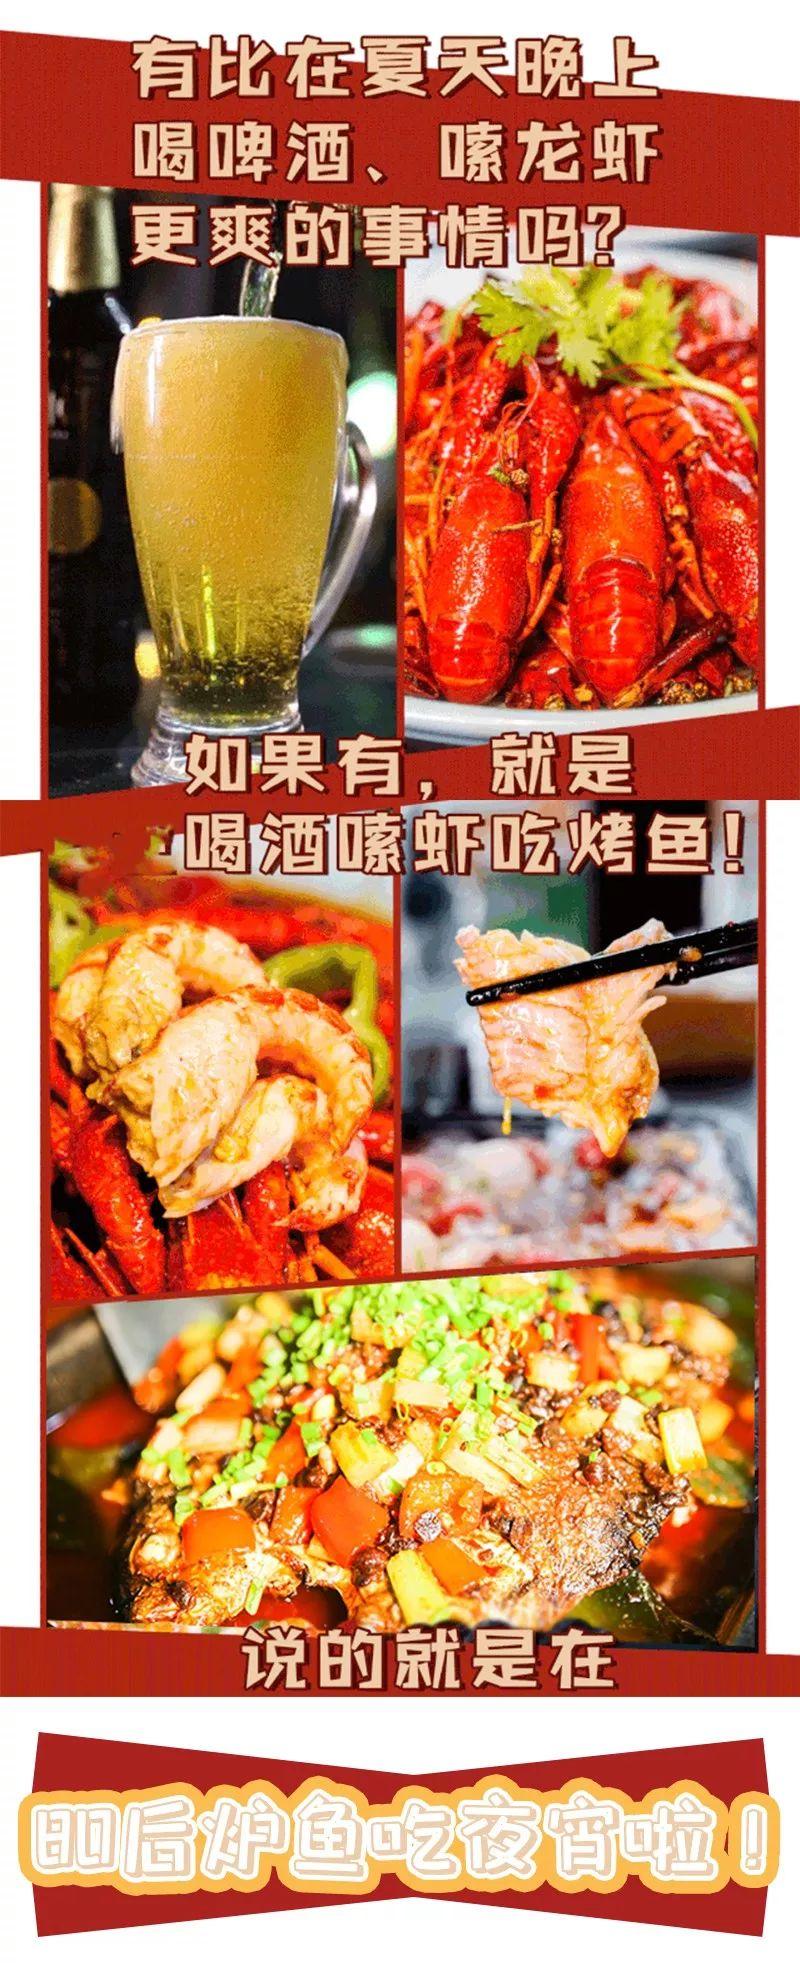 人均10元!柏溪新�_一家烤�~店!竟推出泡椒、豆腐、豆豉…6�N口味烤�~!要火!